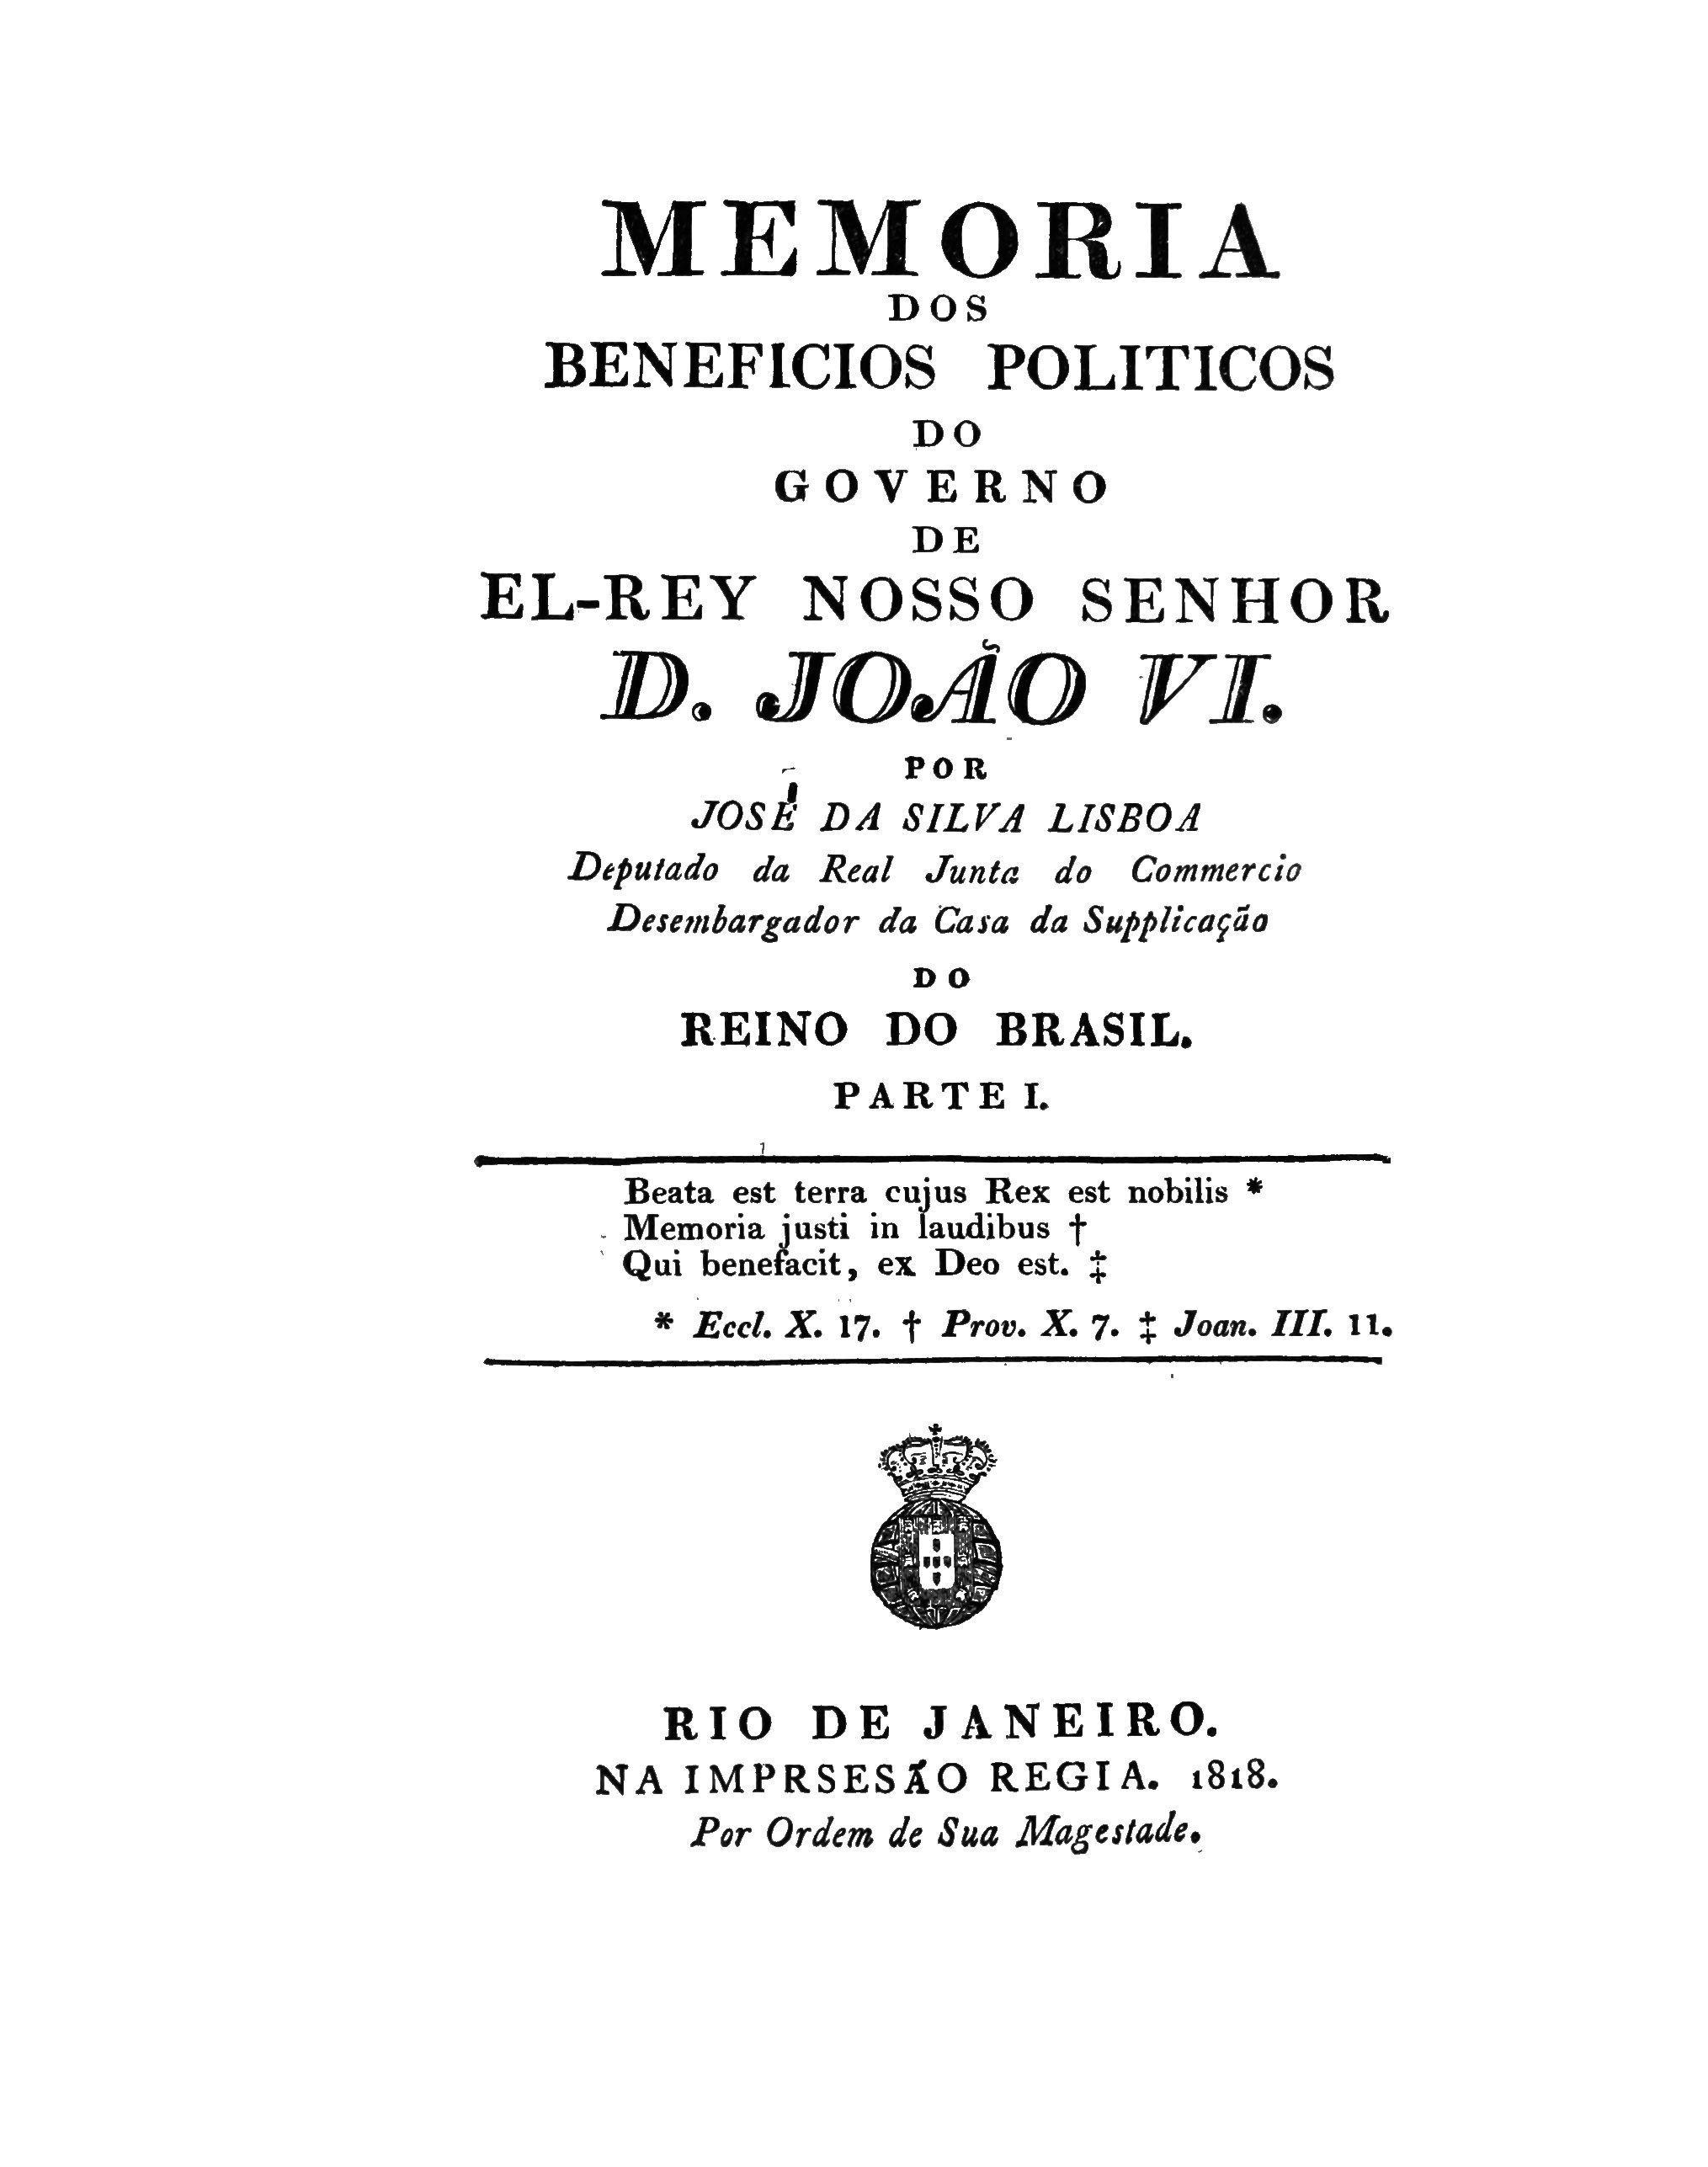 Memoria dos beneficios politicos do governo de El-Rey Nosso Senhor D. João VI J. da Silva Lisboa Visconde de Cairù. 1818